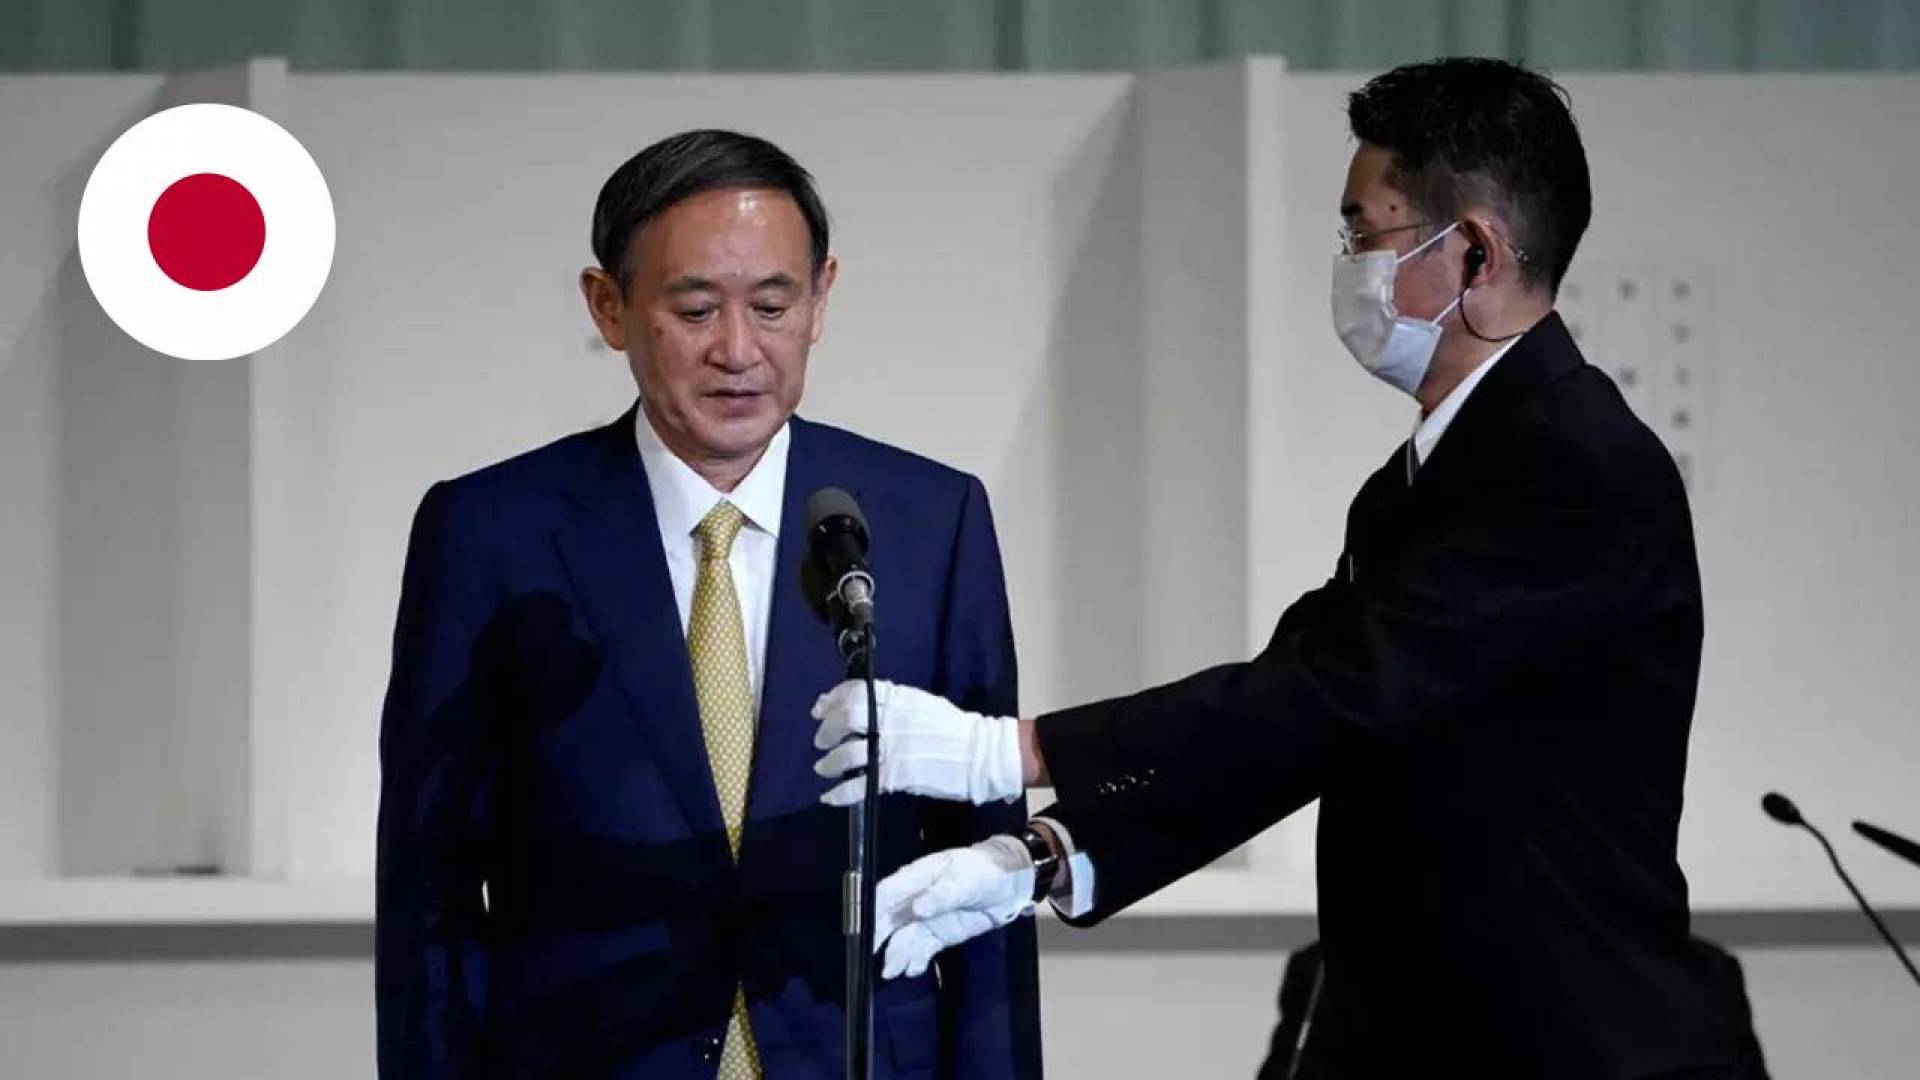 انتخاب يوشيهيدي سوغا رئيساً للوزراء في اليابان